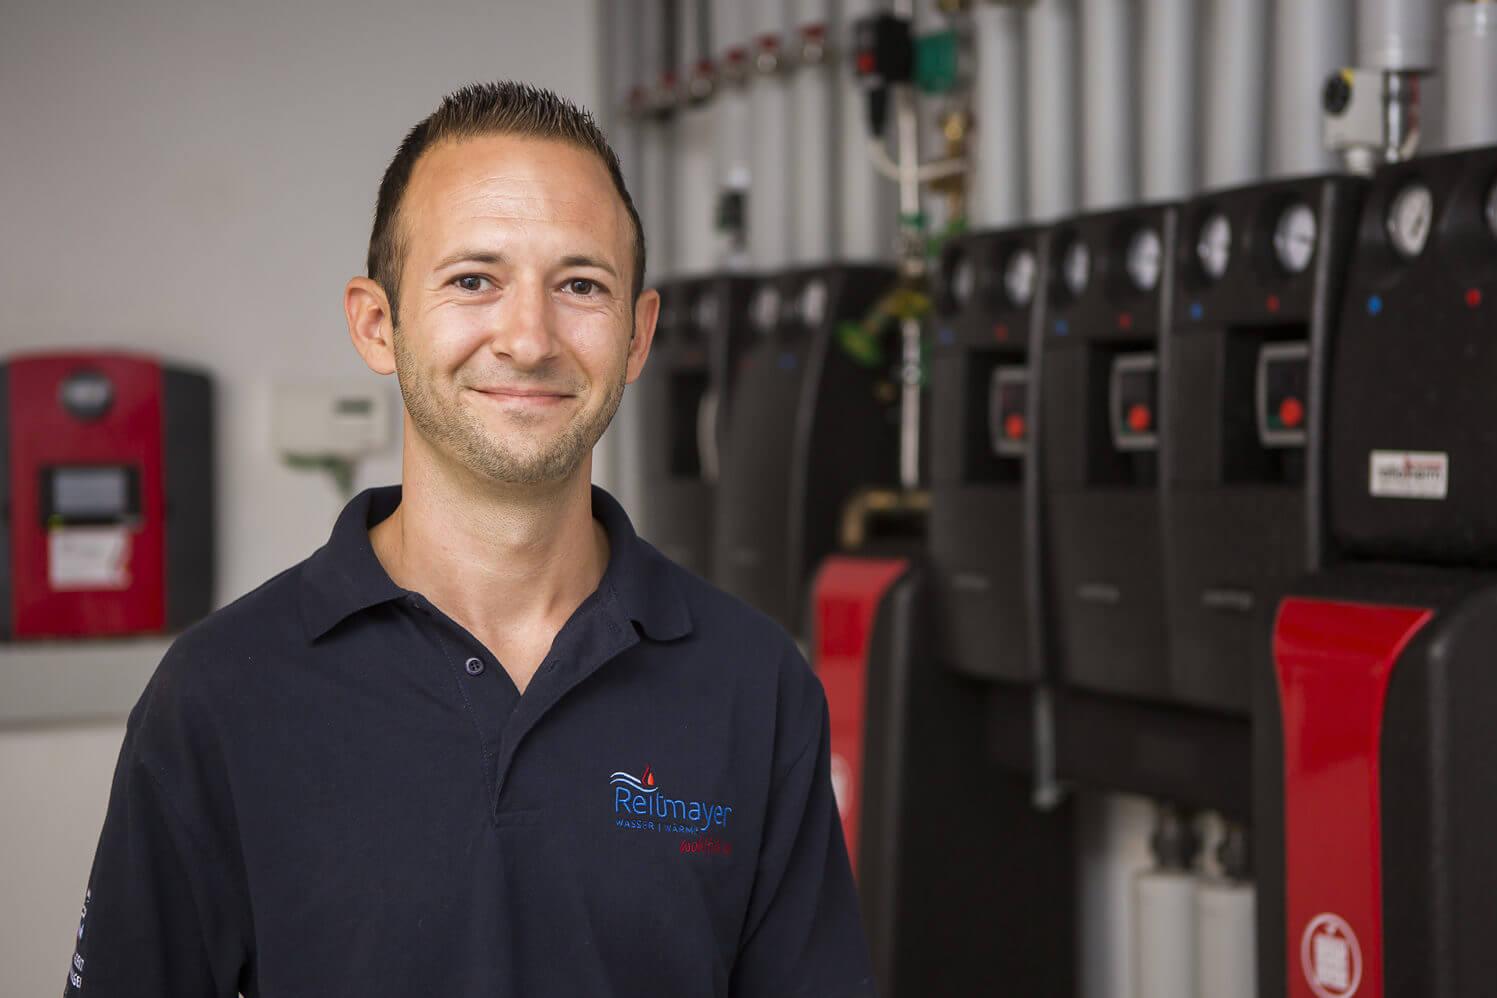 Service Reitmayer Wärme Wasser Heizungstechnik- und Sanitärbetrieb